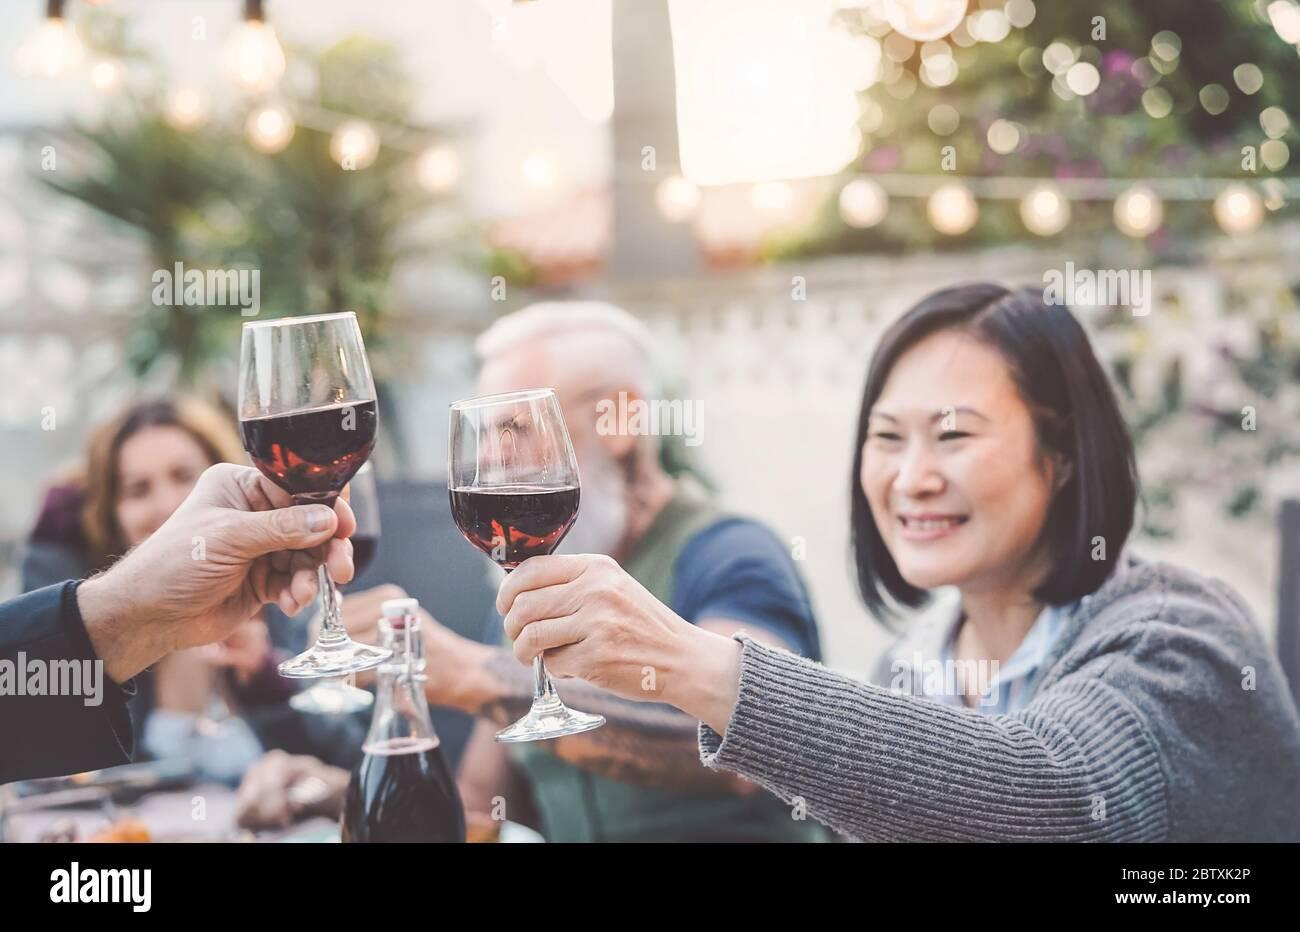 Buona famiglia mangiare e bere vino rosso a cena barbecue party all'aperto - mature e giovani cena insieme sulla terrazza Foto Stock